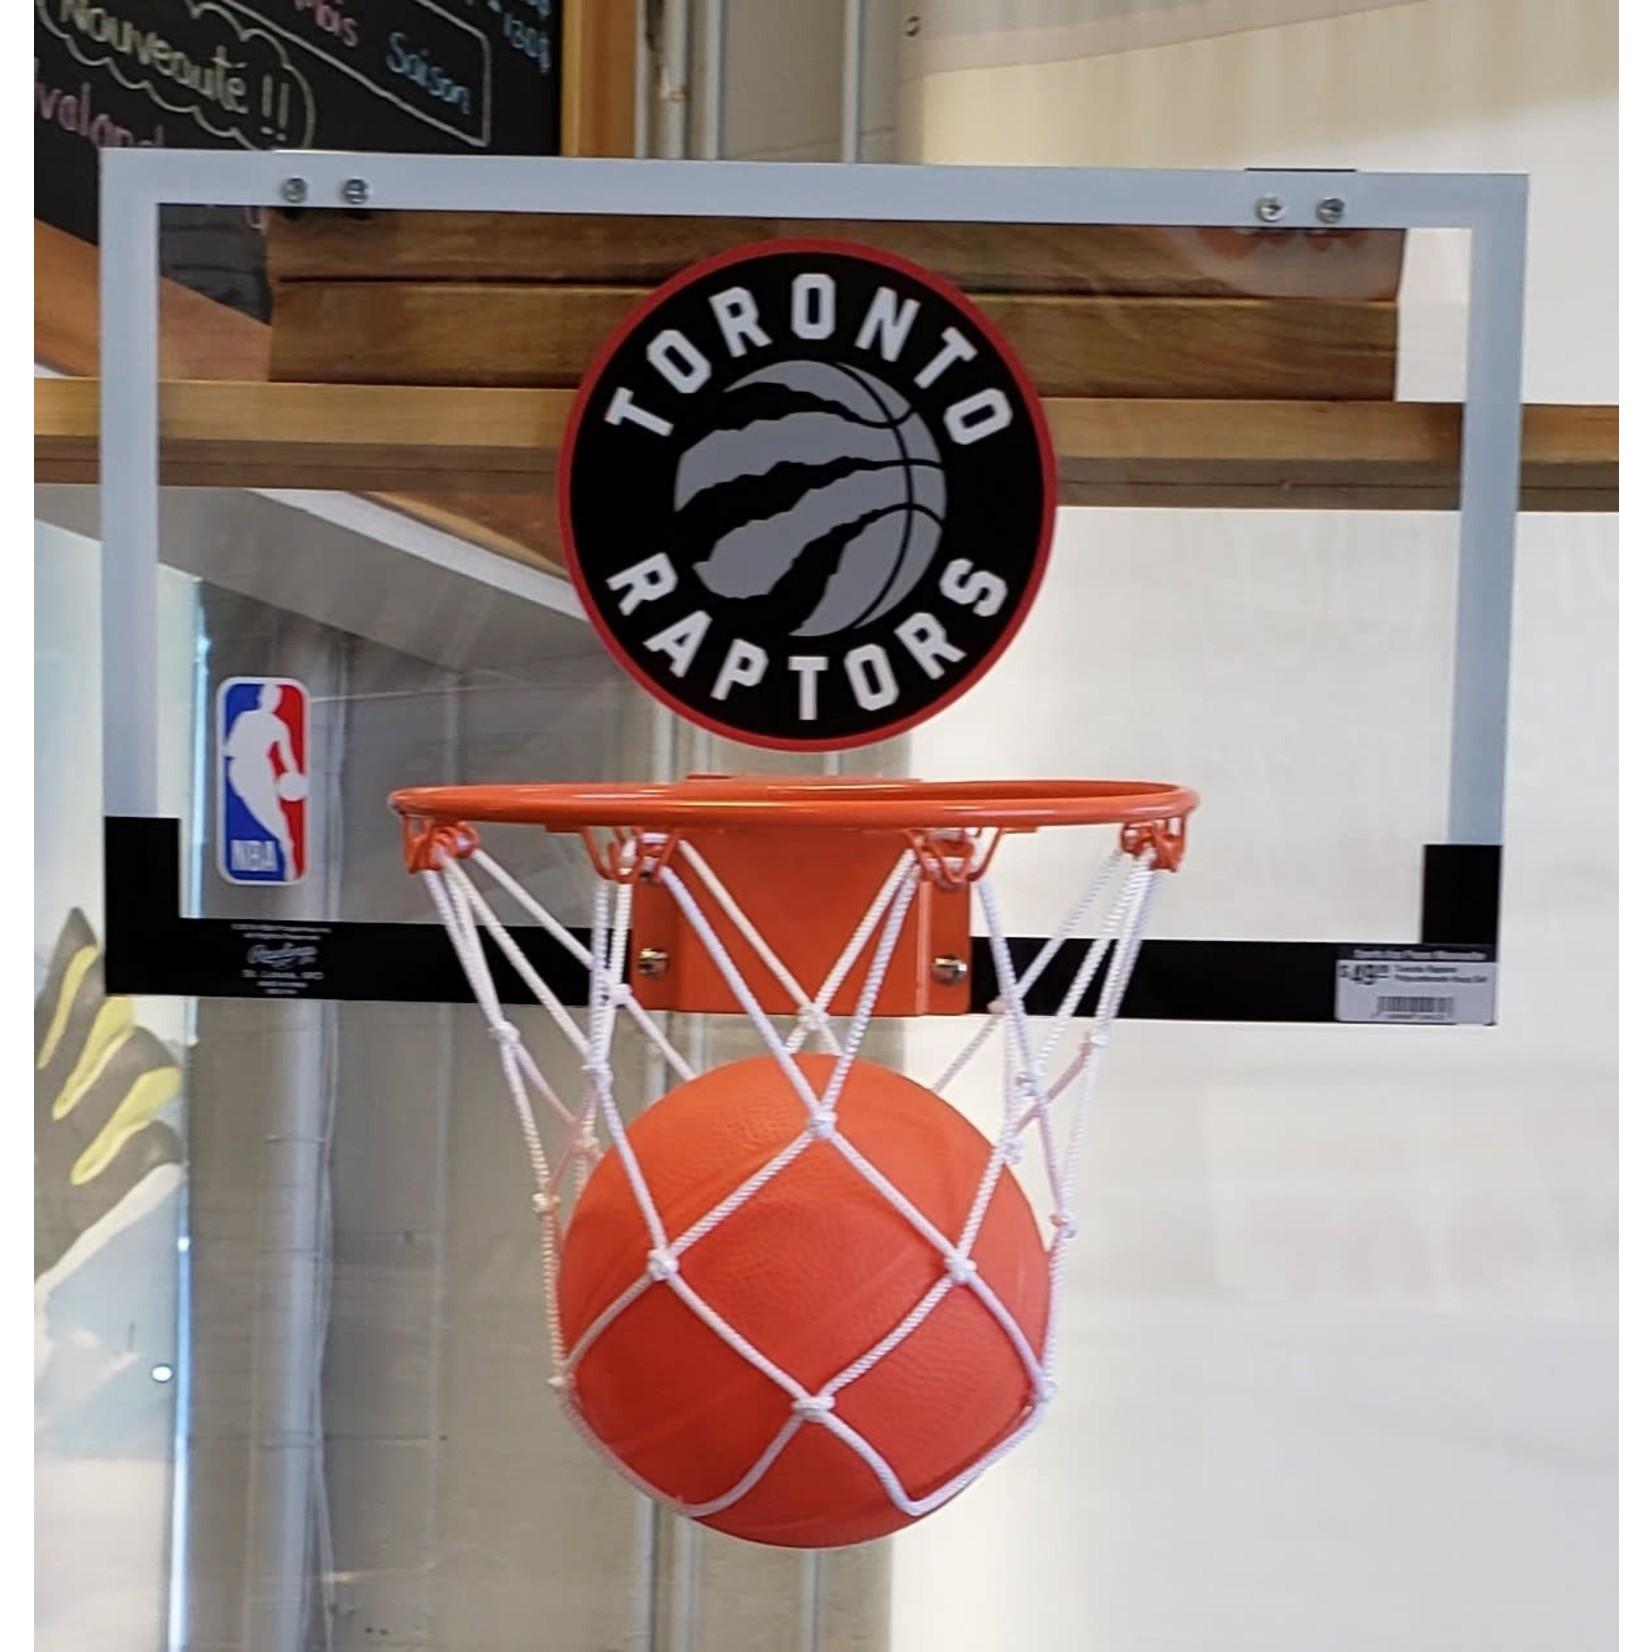 Rawlings Toronto Raptors Polycarbonate Hoop Set